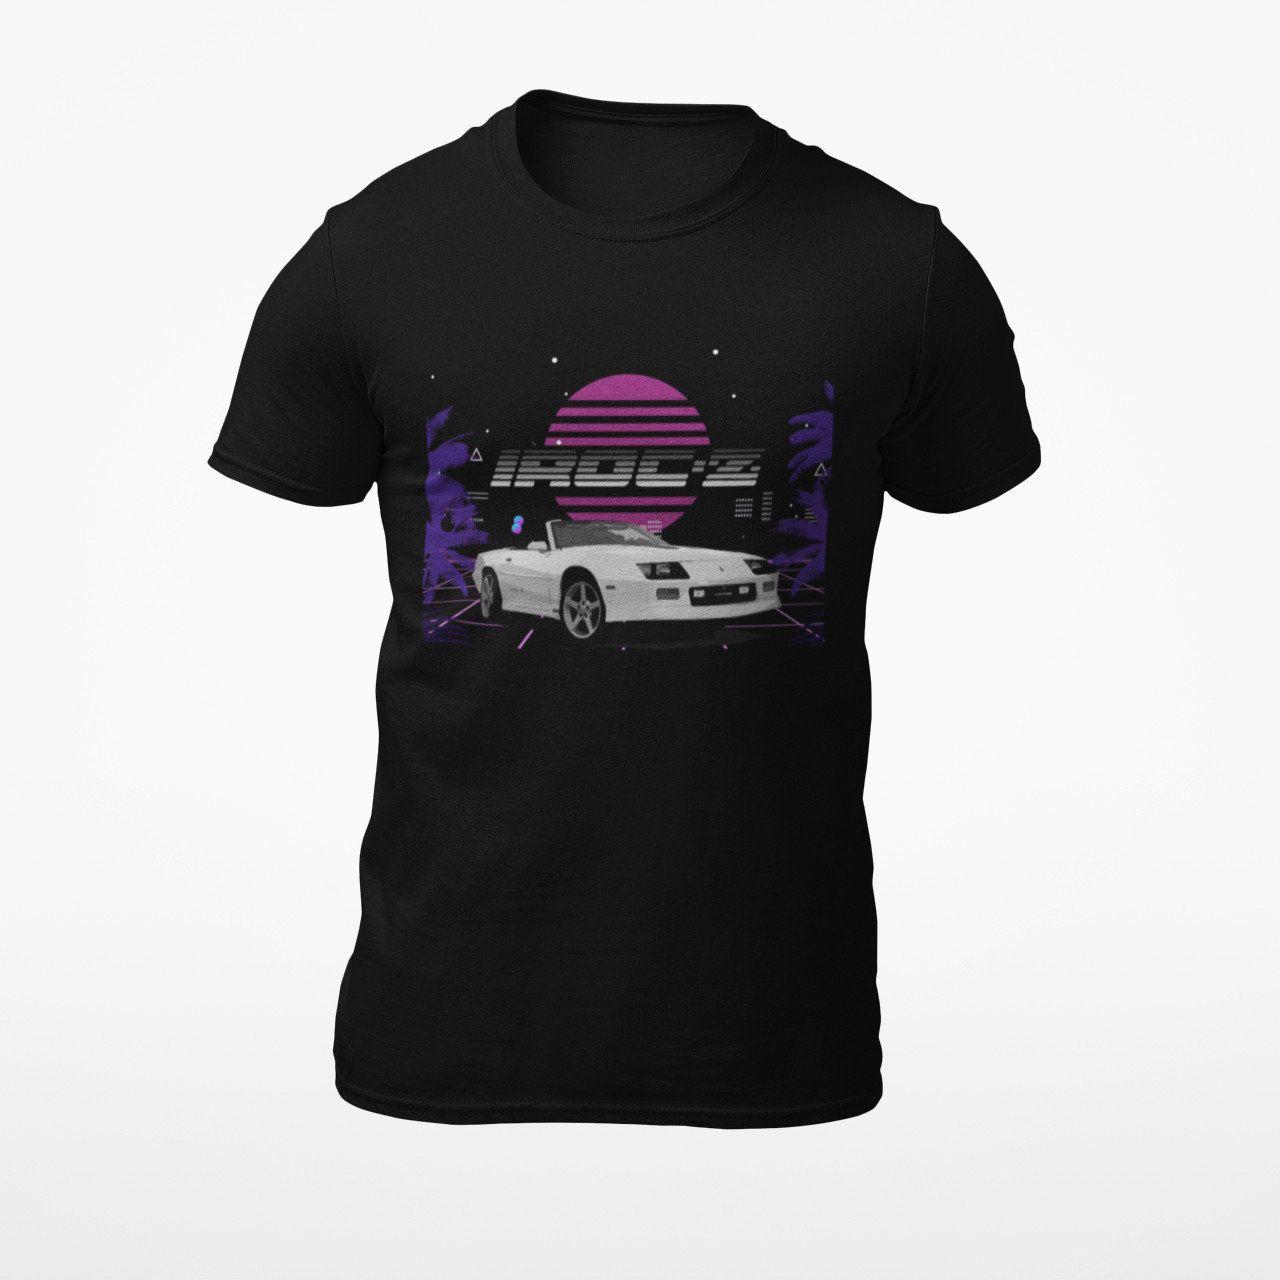 JG Infinite 1980s Chevy IROC-Z Camaro Short-Sleeve Unisex T-Shirt